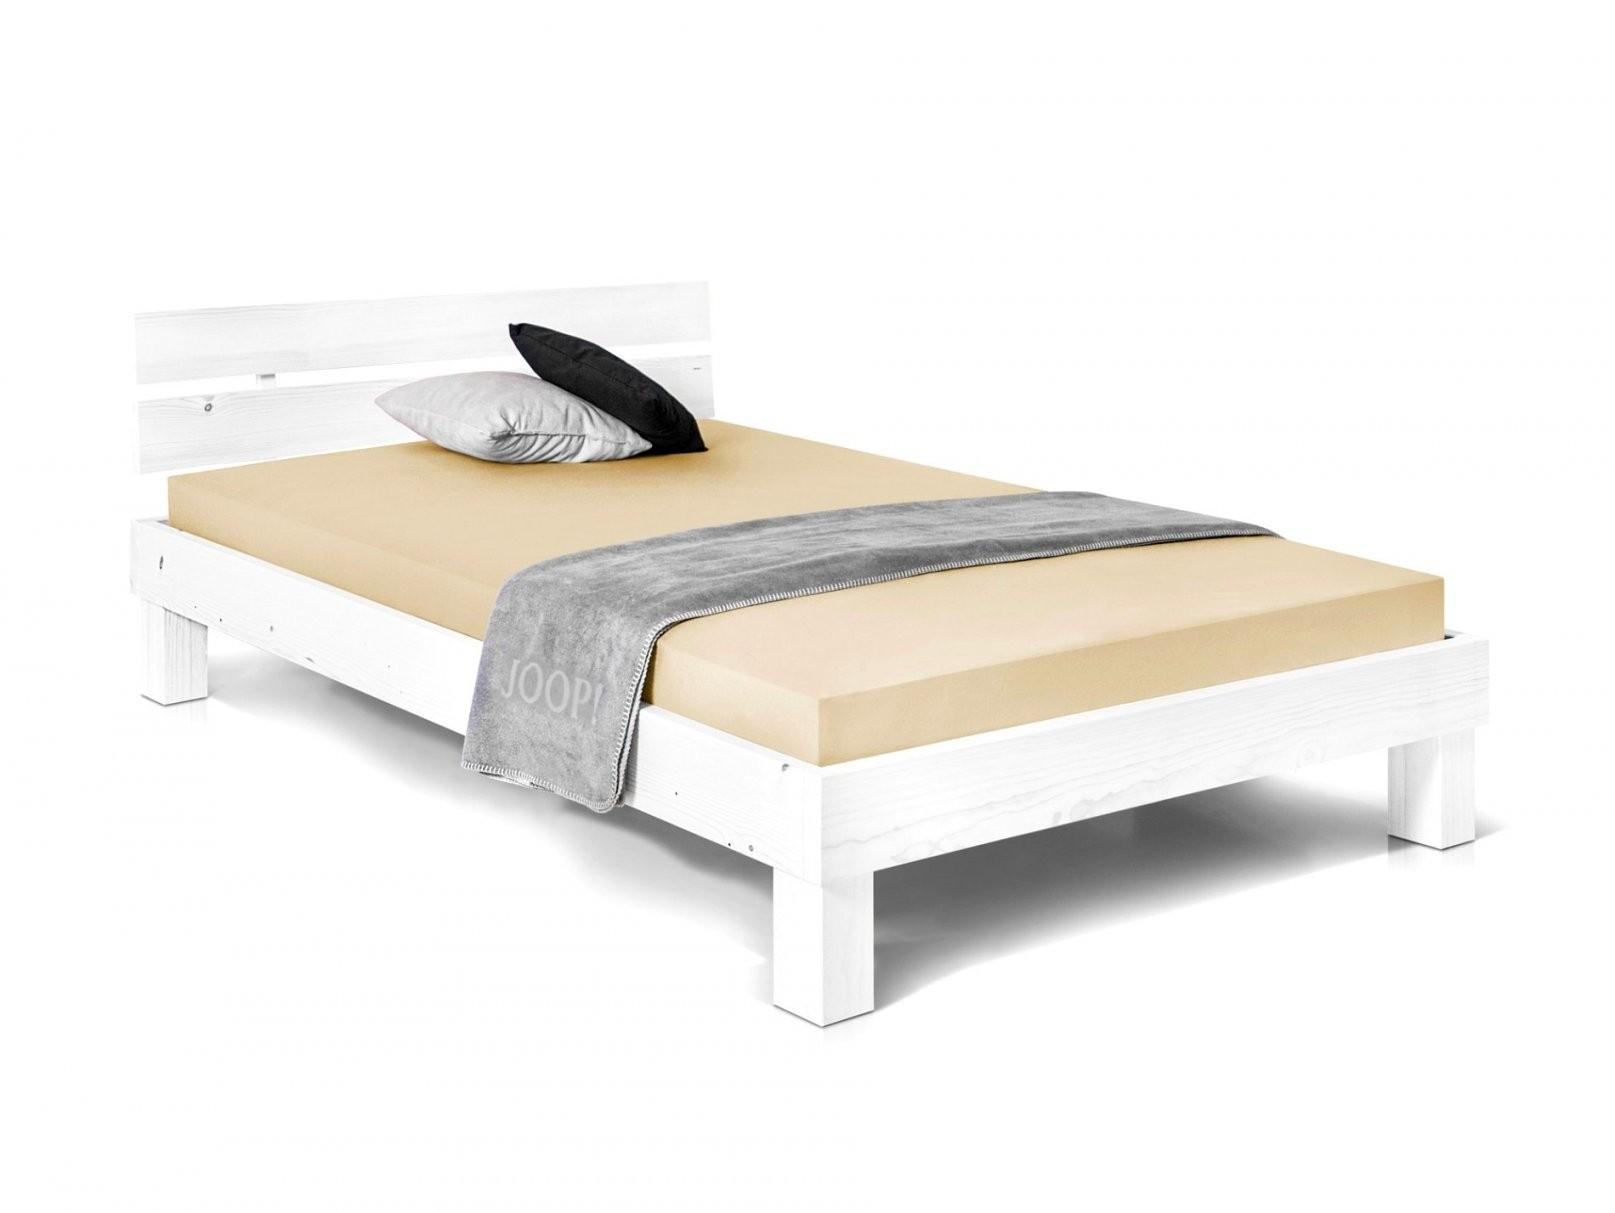 wohnkultur pocco betten poco 160x200 schon kreativ bett mit von bett 160x200 poco bild haus bauen. Black Bedroom Furniture Sets. Home Design Ideas